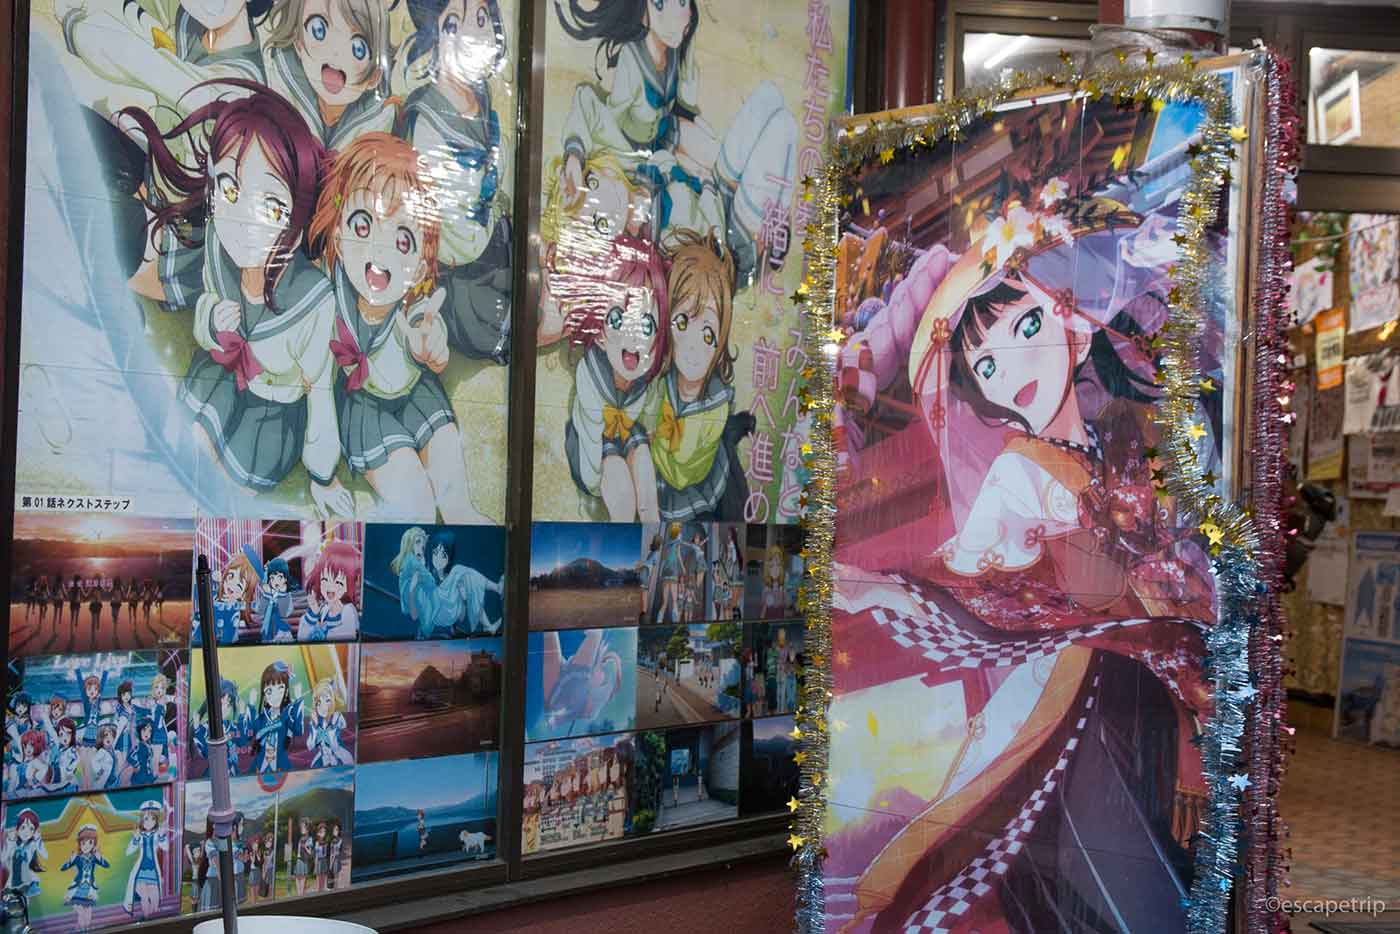 沼津の観光案内所とラブライブサンシャイン